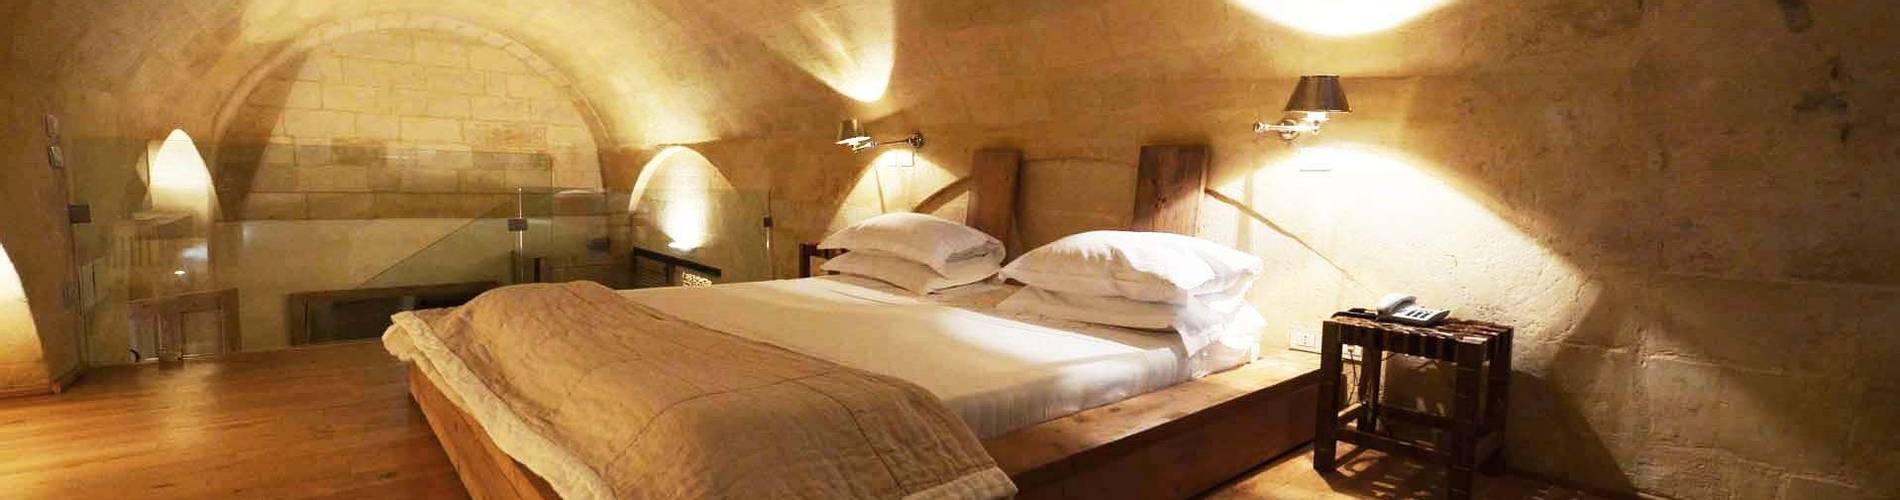 L'Hotel In Pietra, Basilicata, Italy, Suite 1004 (5).jpg